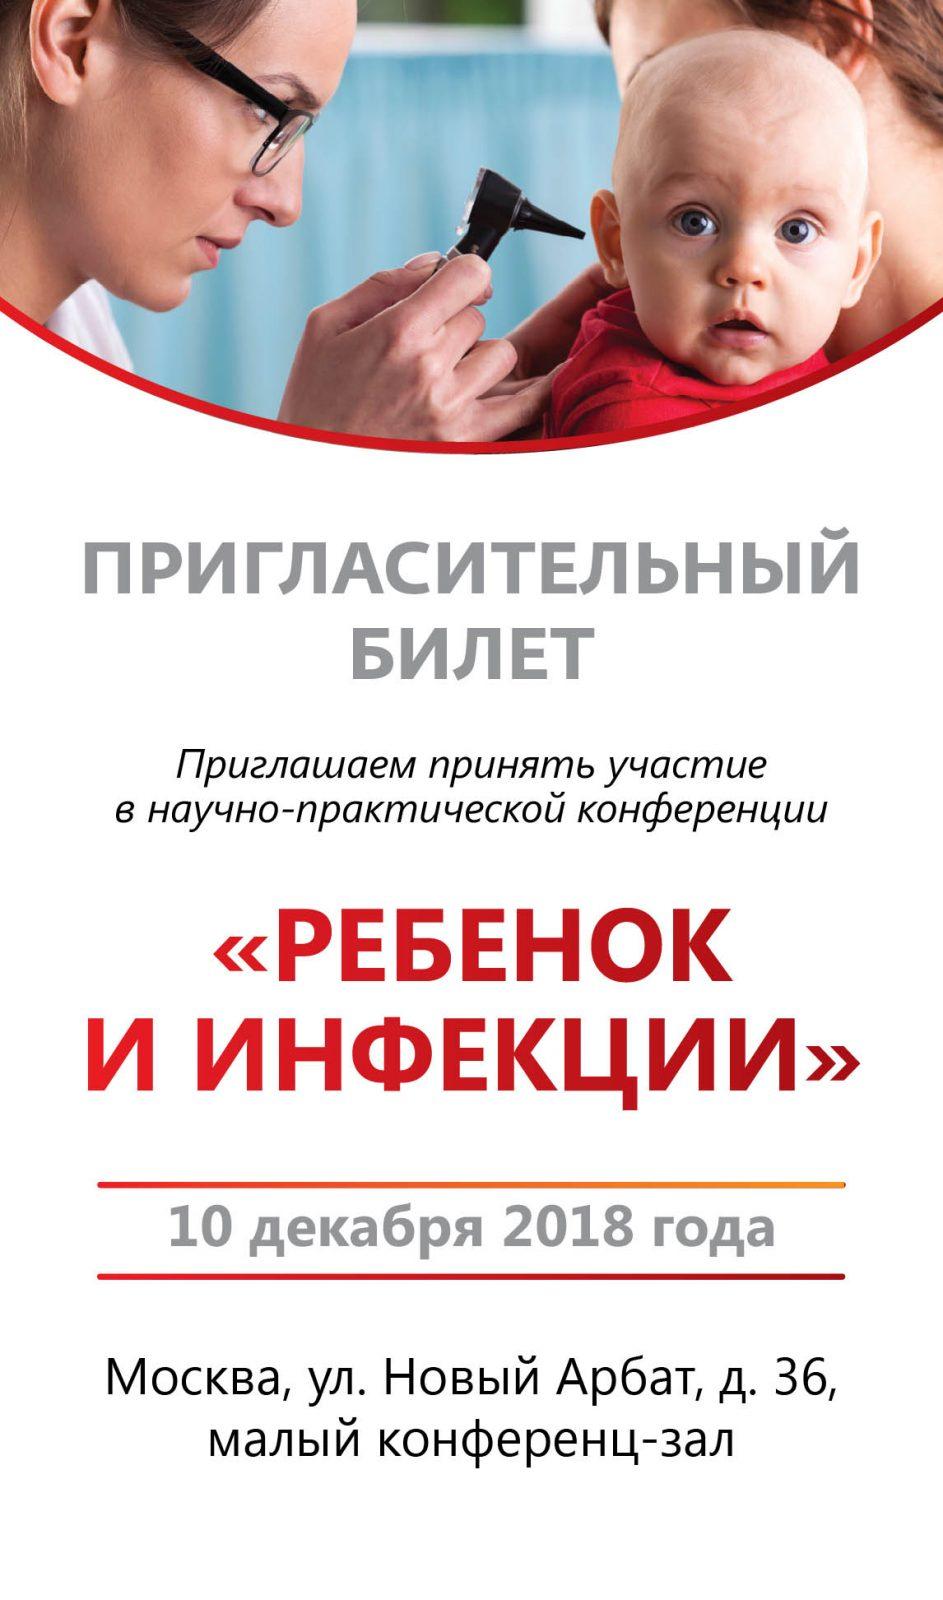 Ребенок и инфекции_2018_10_12